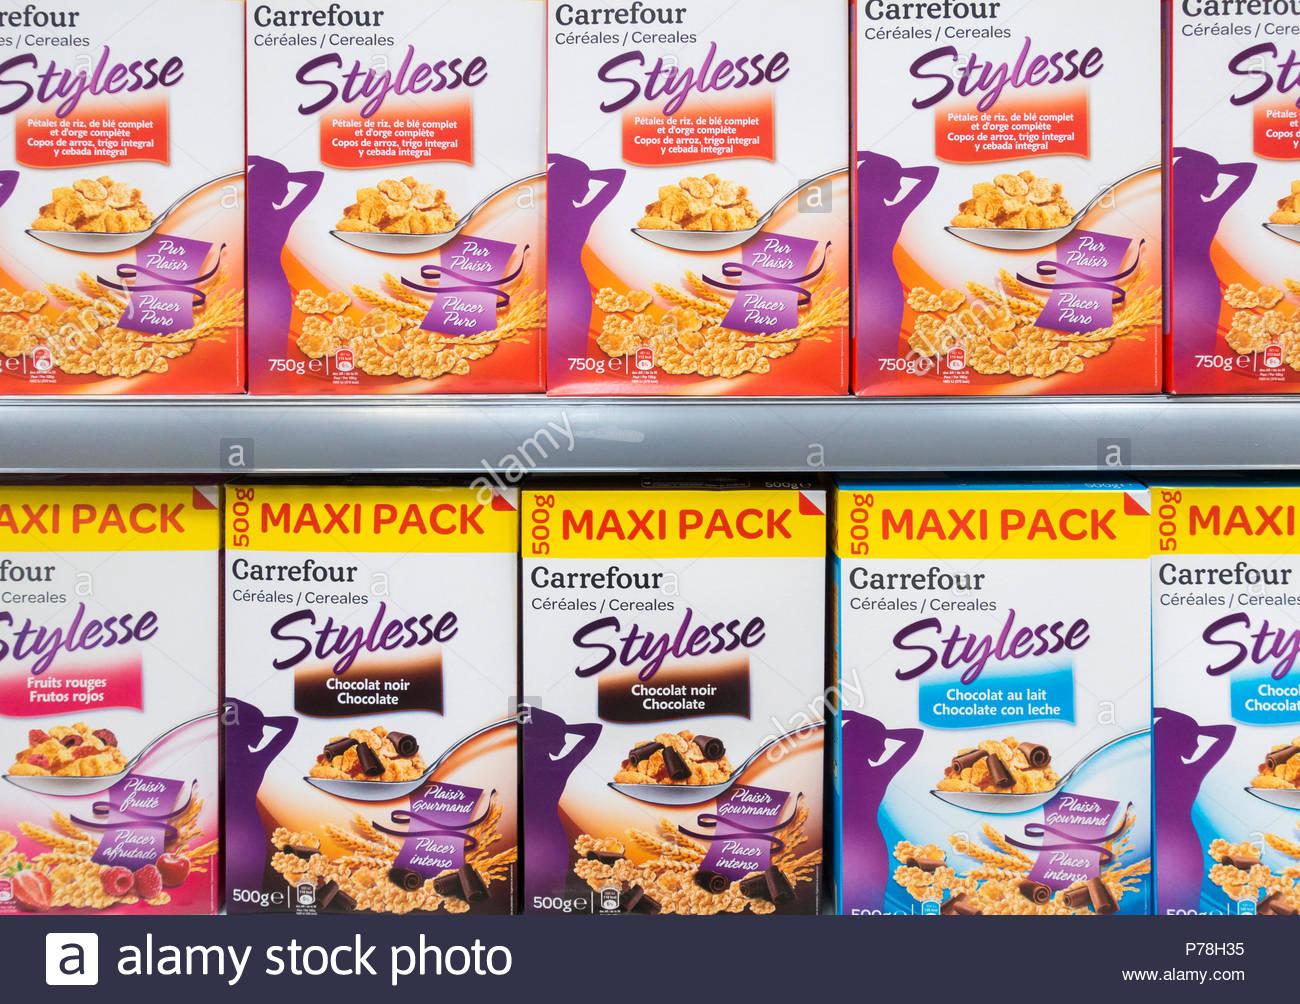 Portafortuna Cereali Carrefour